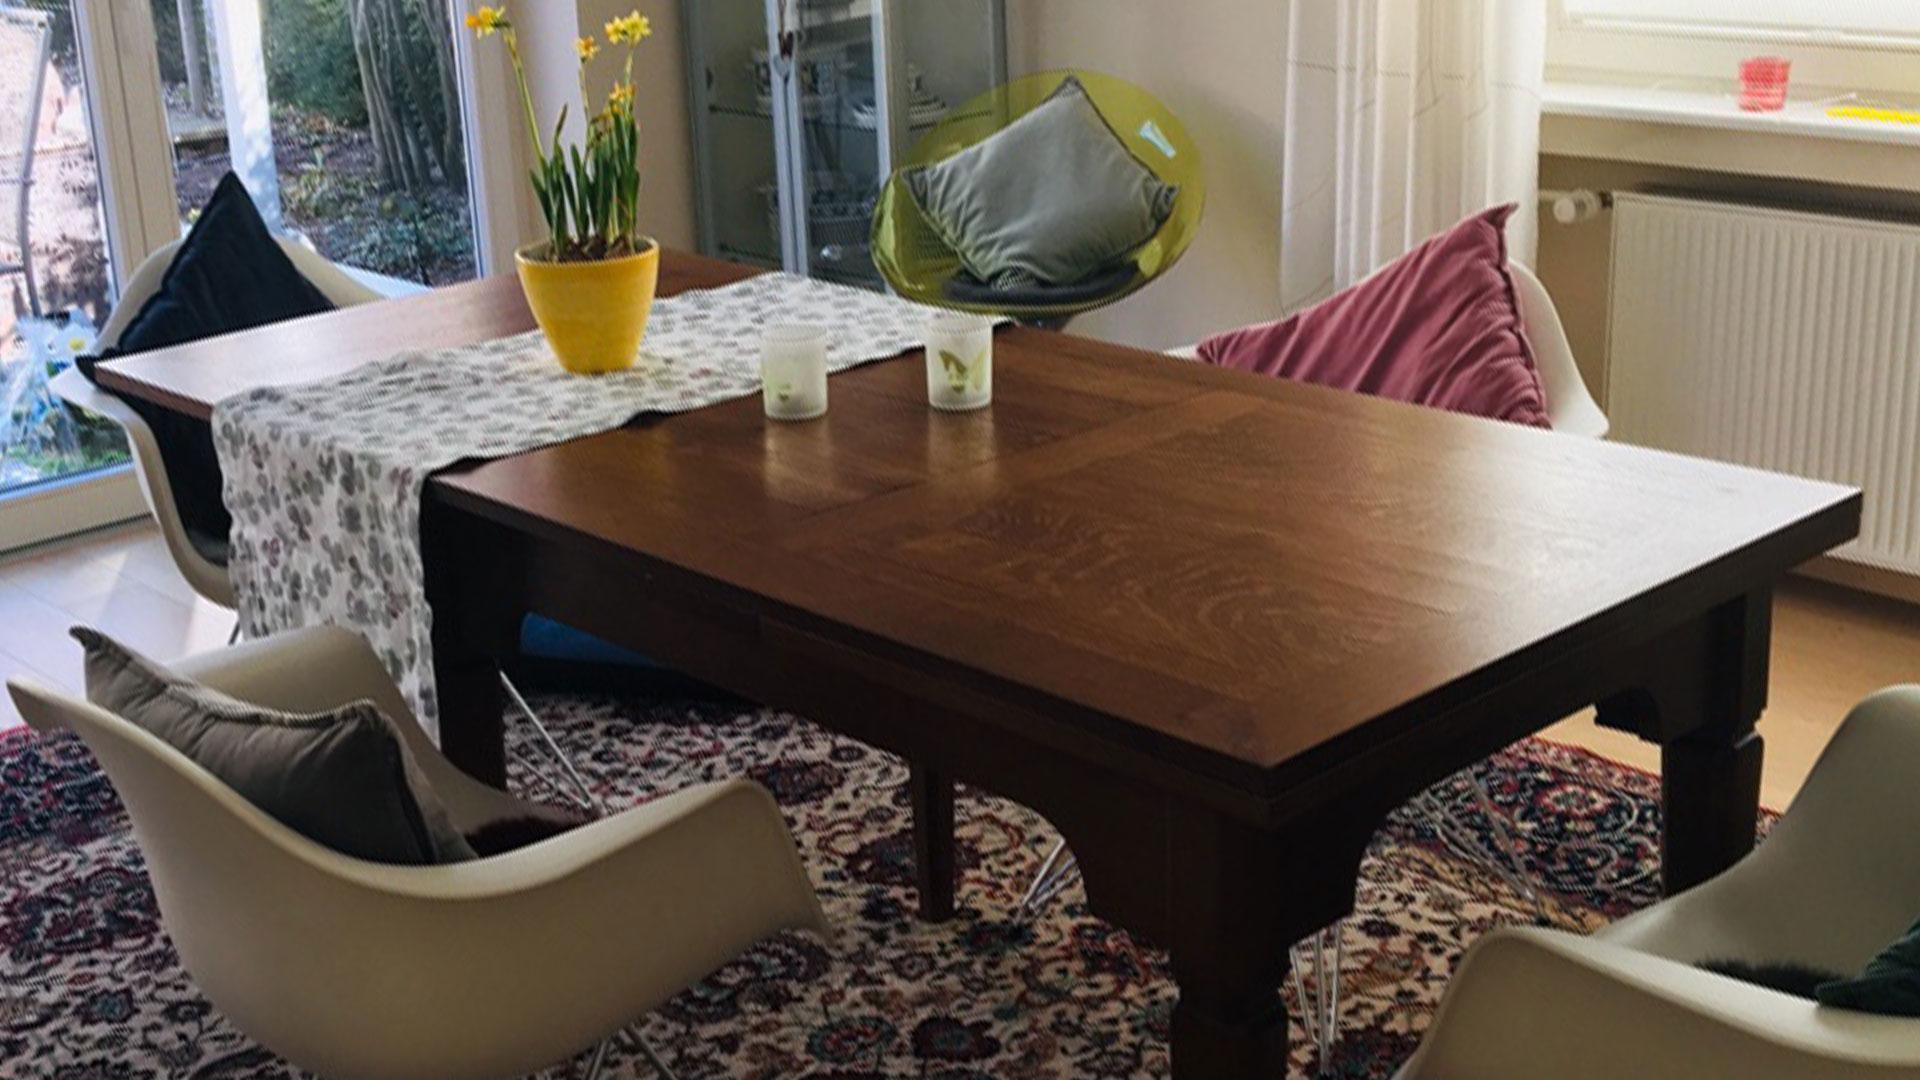 Desmondo Homestory zuhause bei den lesern Susanne vereint alte Erbstücke mit modernem Design